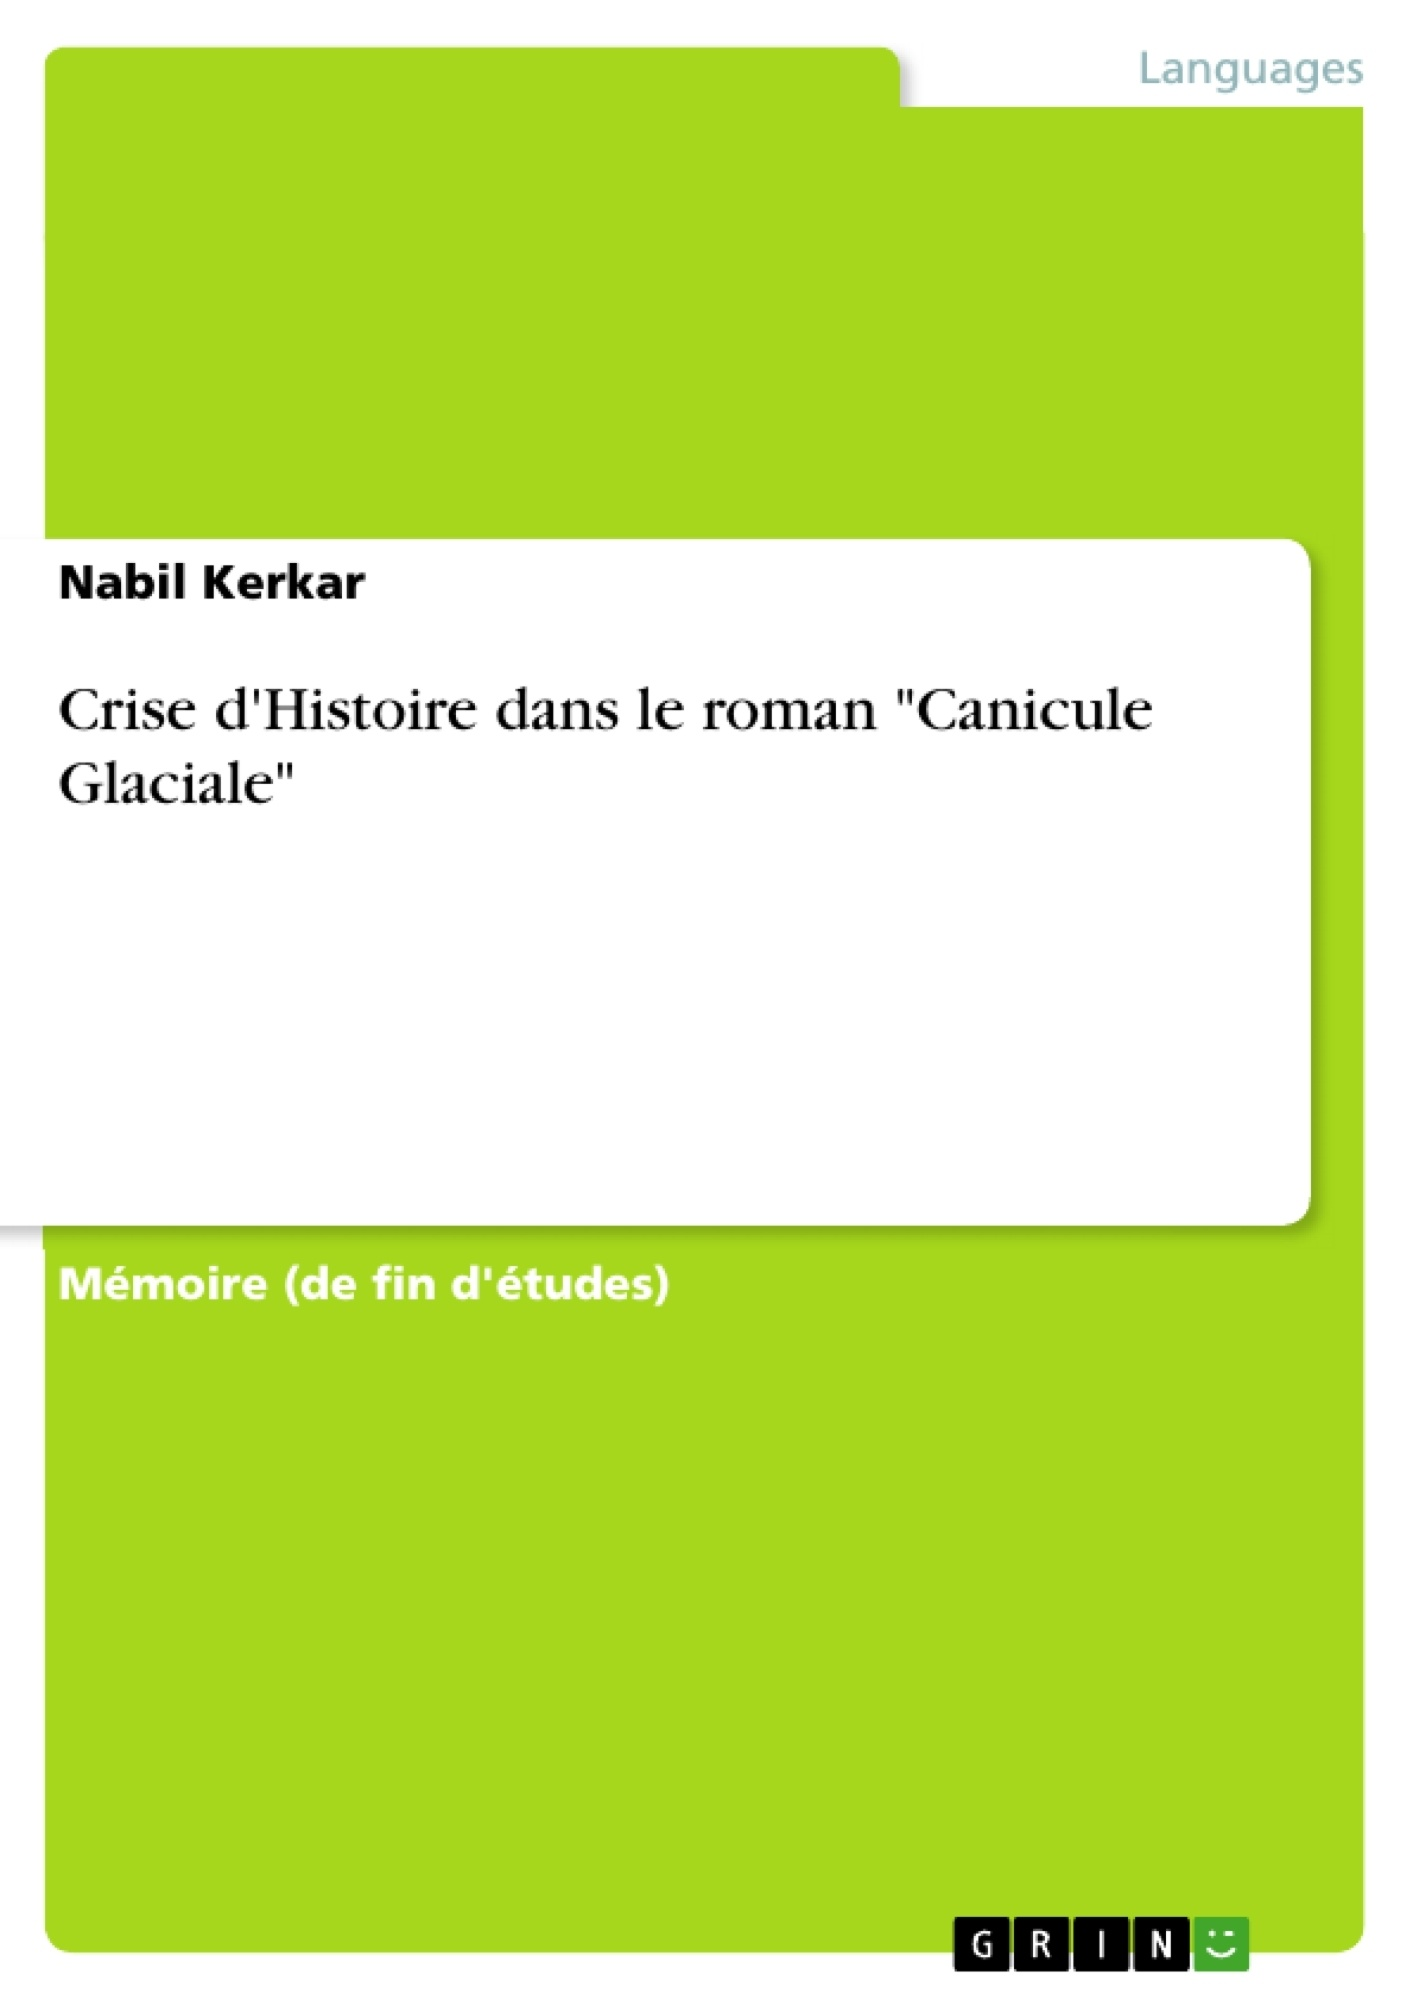 """Titre: Crise d'Histoire dans le roman """"Canicule Glaciale"""""""